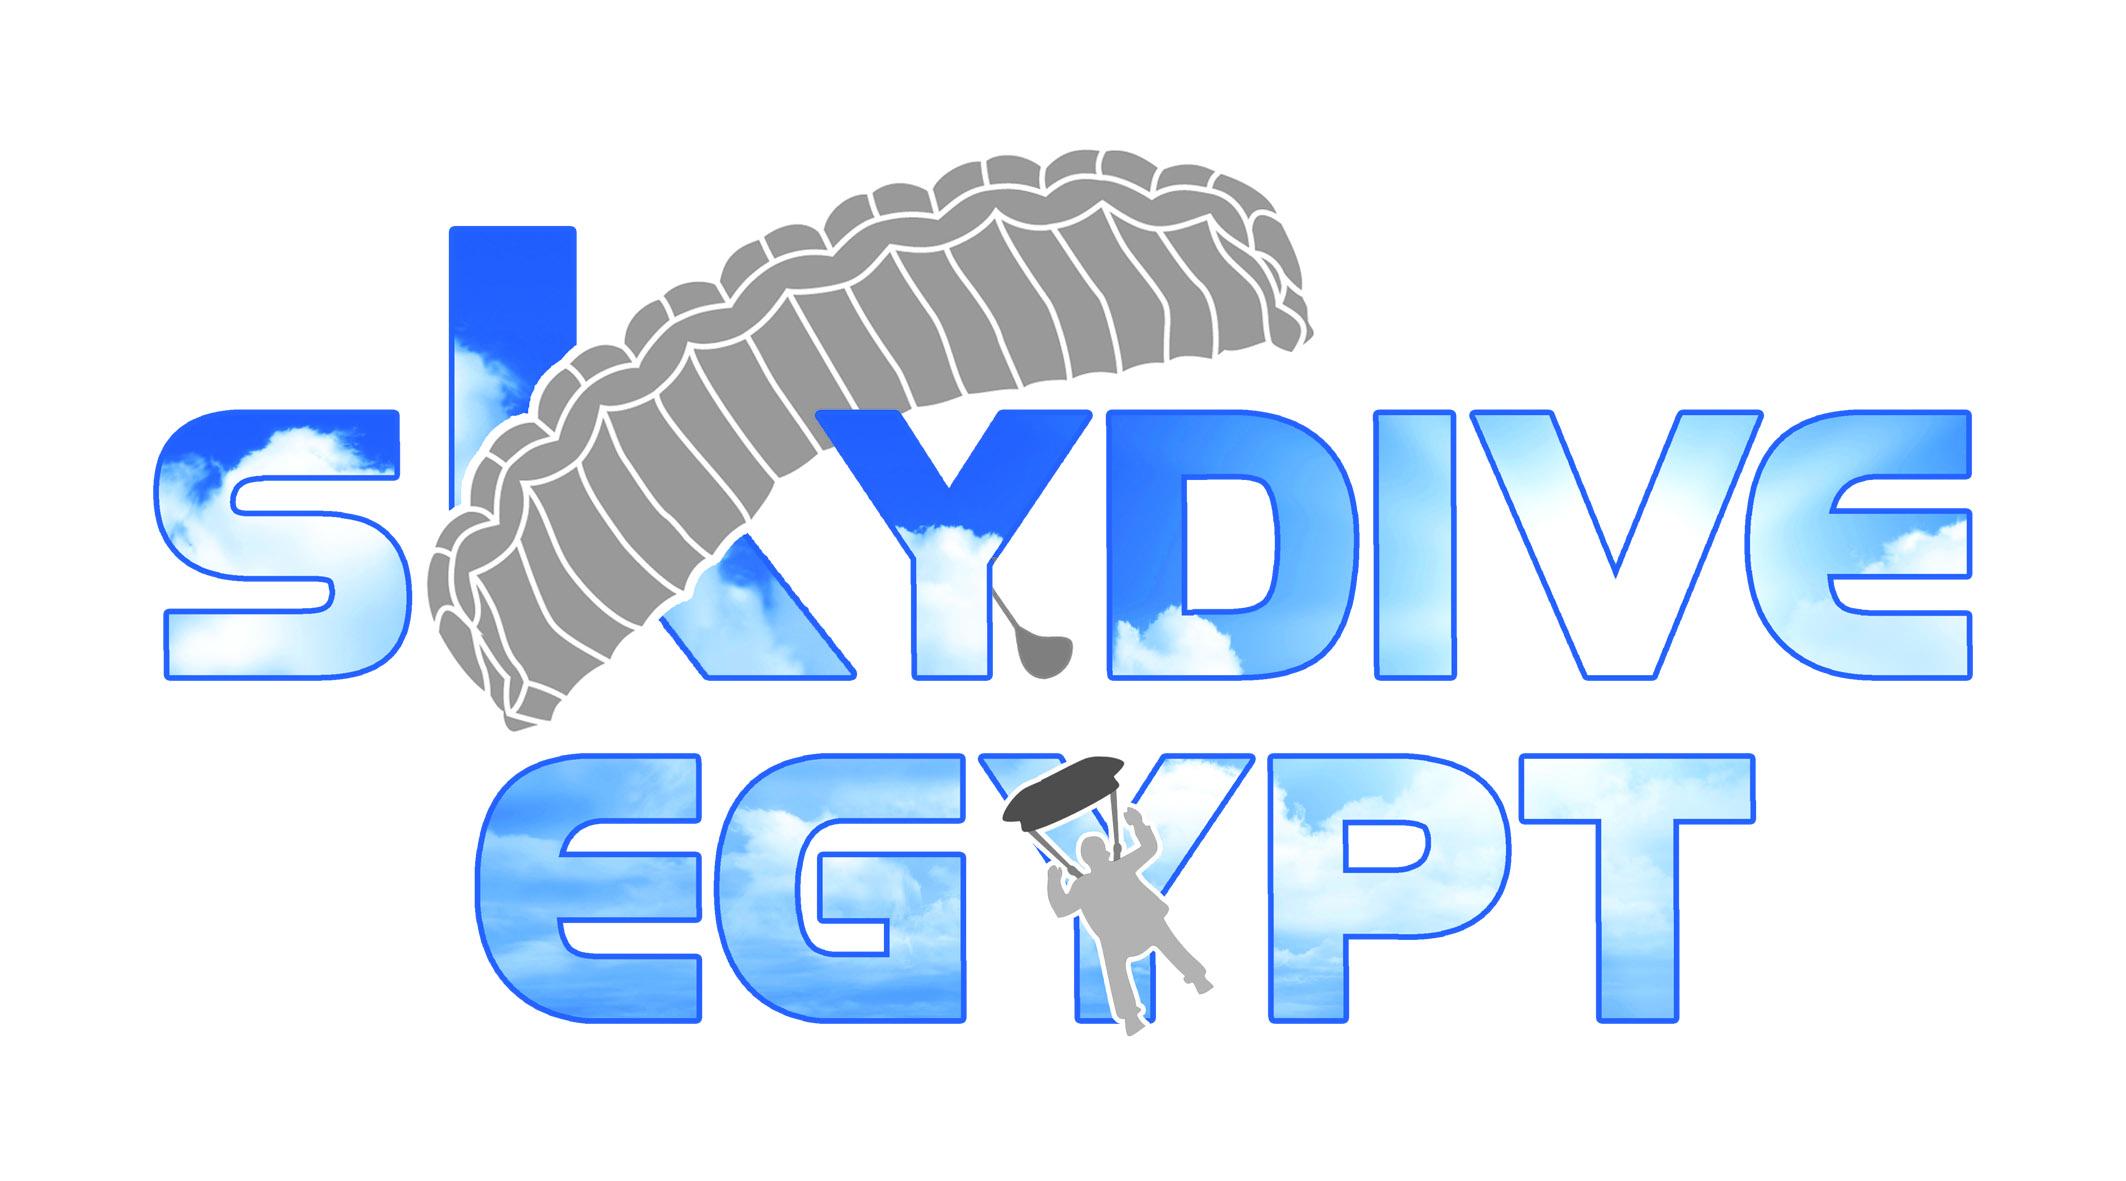 https://secureservercdn.net/198.71.233.44/516.356.myftpupload.com/wp-content/uploads/2019/12/Skydive-Egypt-Logo.jpg?time=1634978484